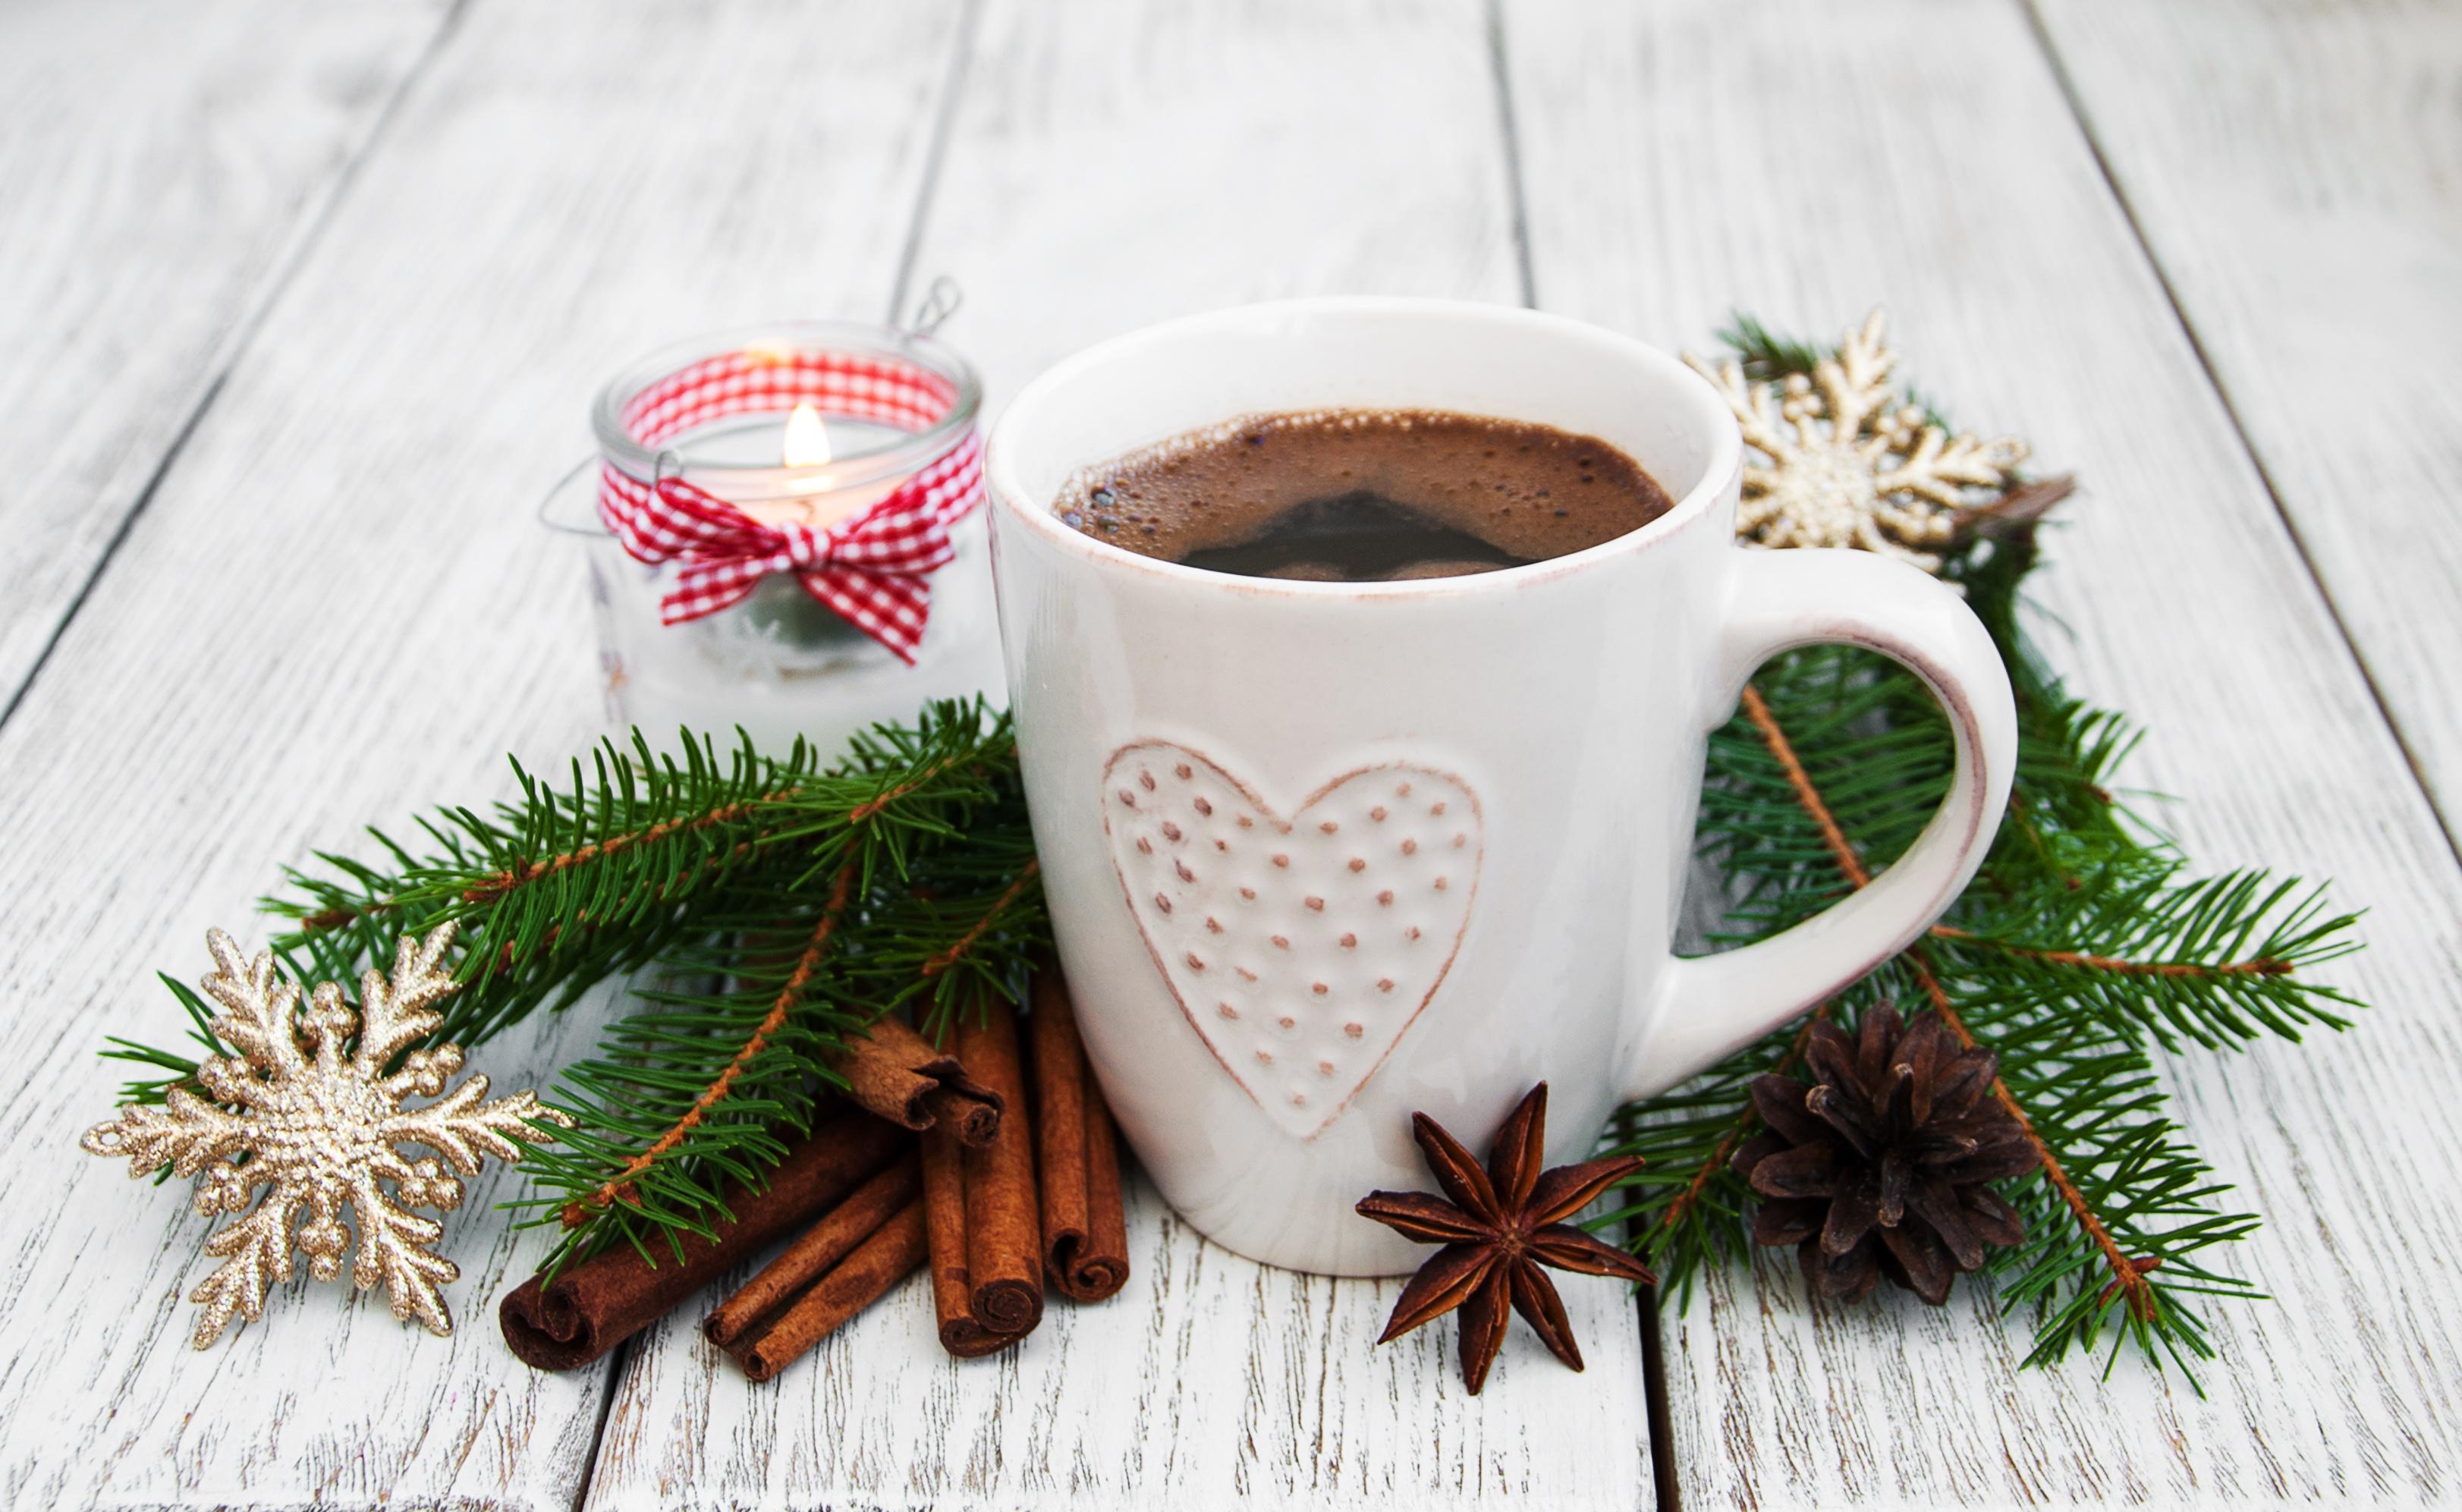 кофе рисунок ель еда  № 3256823 бесплатно